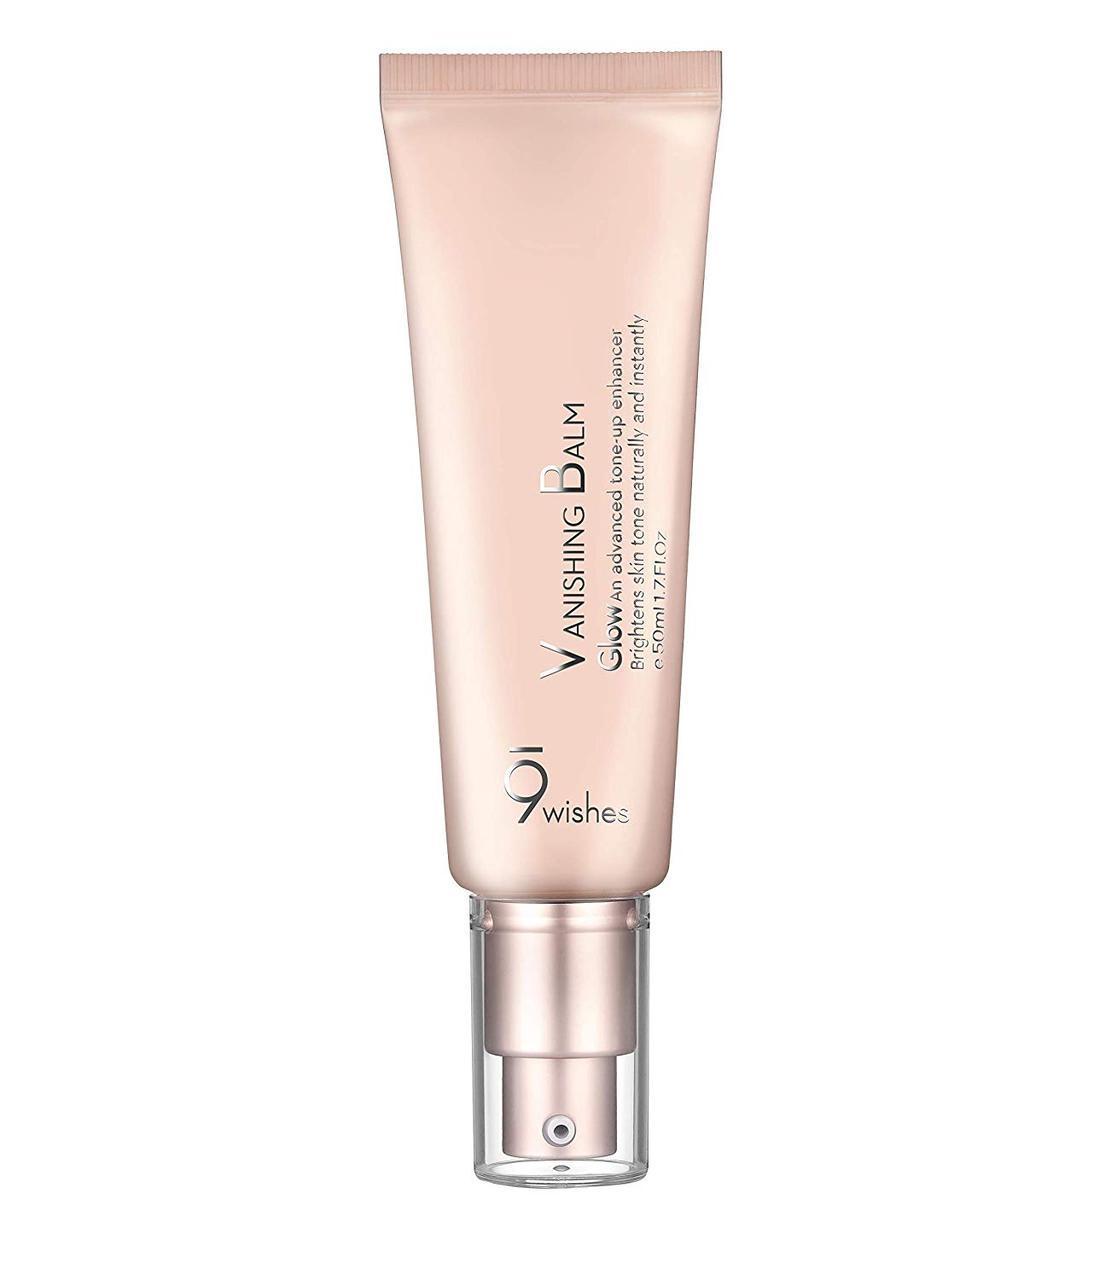 Бальзам-крем исчезающий восстанавливающий с эффектом мерцания 9 Wishes VB Glow Tone Up Cream 50 мл